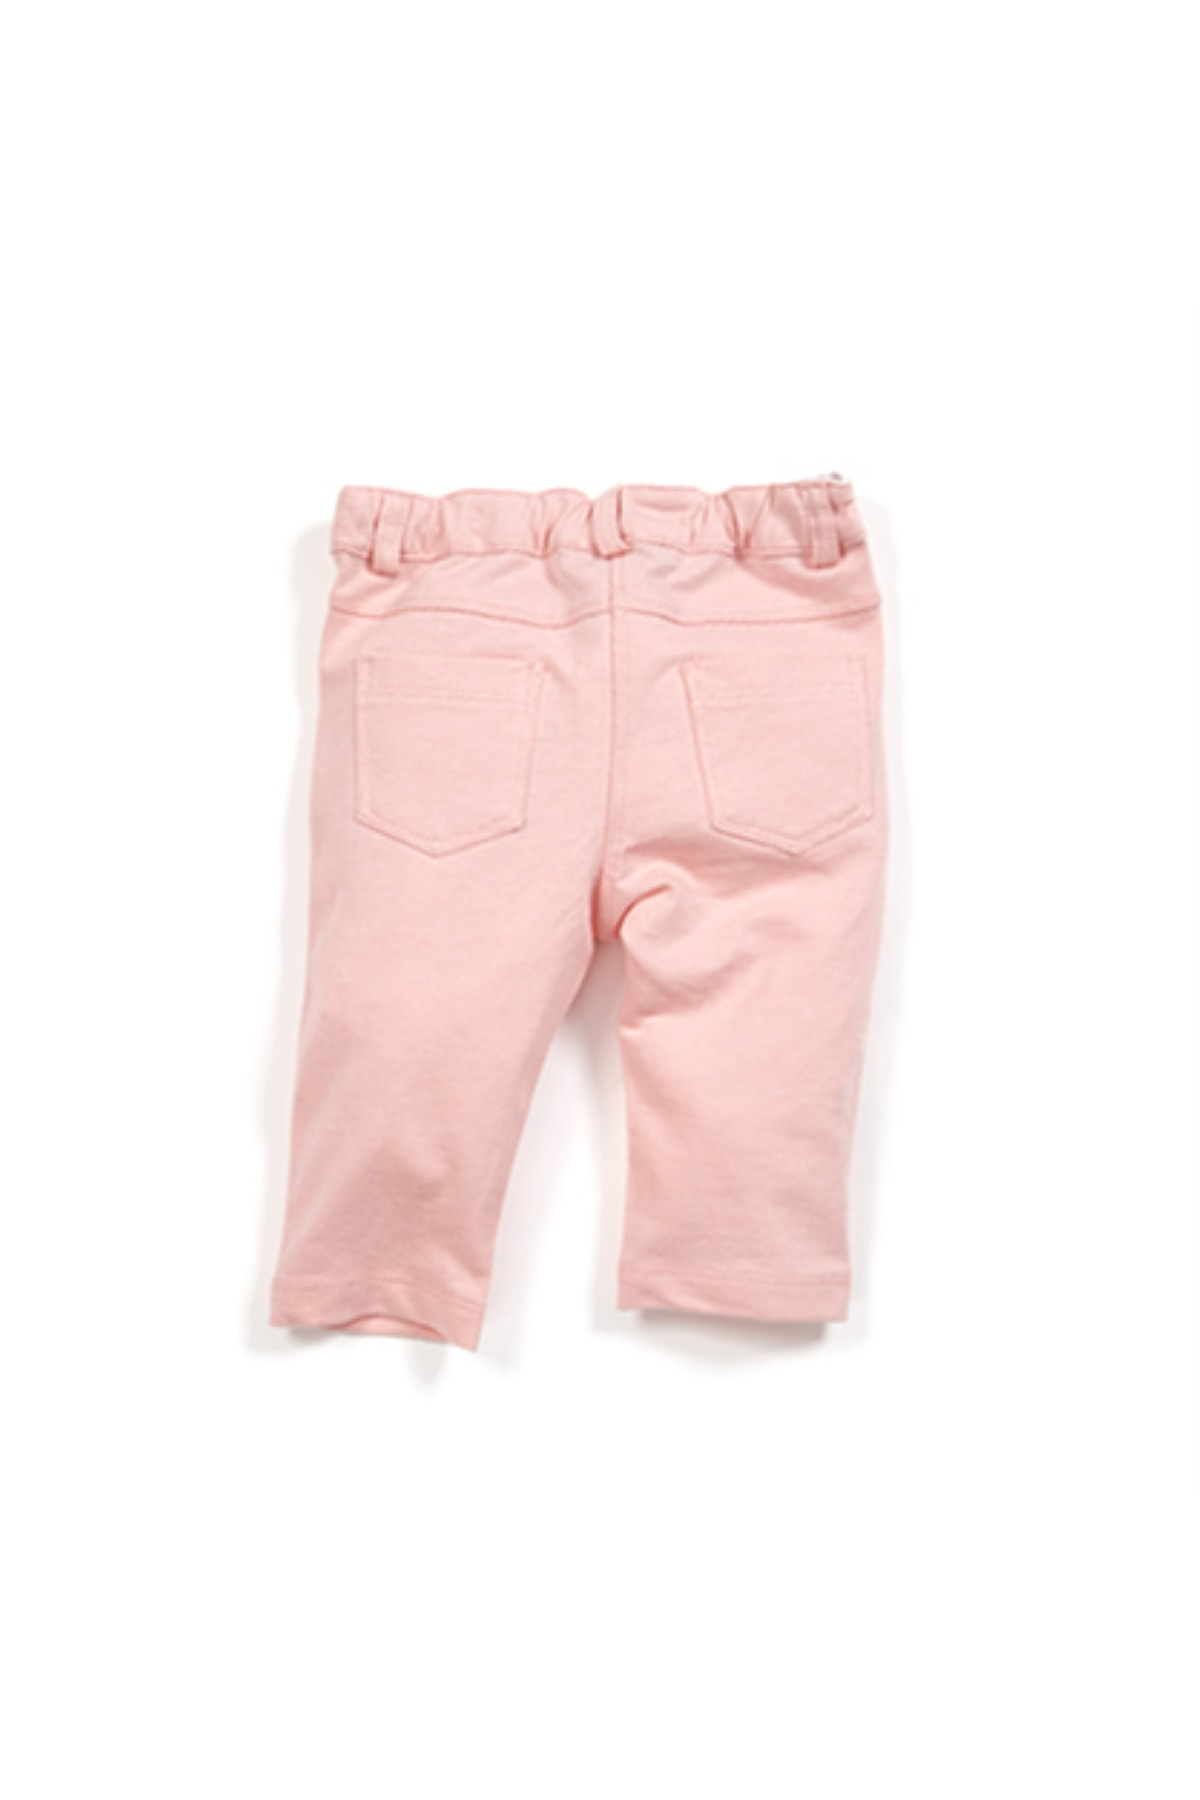 Zeyland Kiz Çocuk Pantolon 2